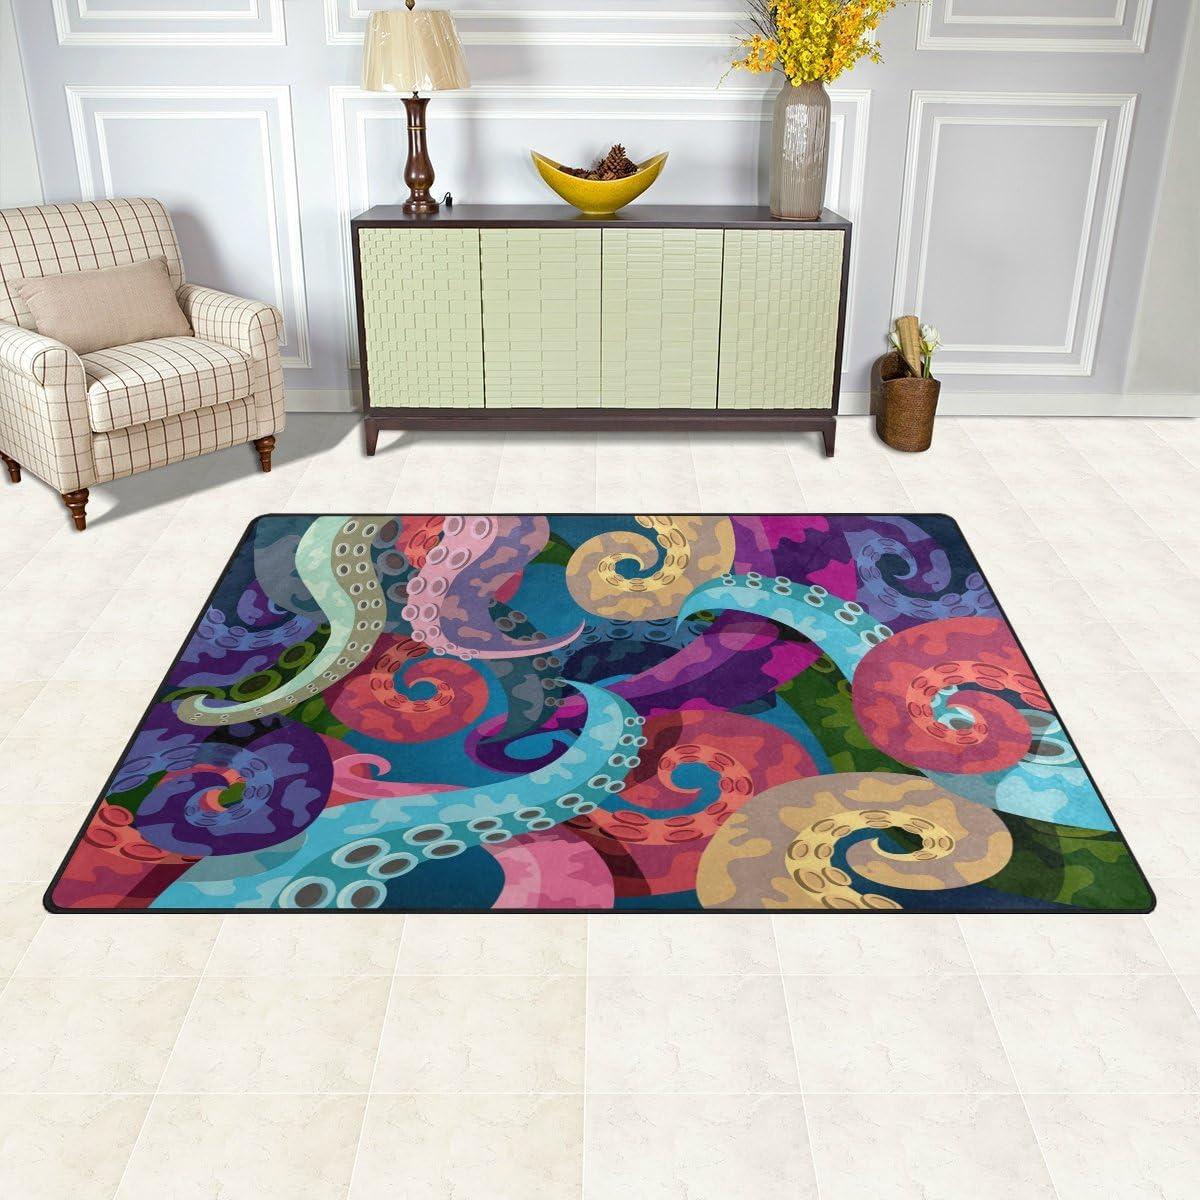 WOZO Colorful Abstract Octopus Kraken Area Rug Rugs Non-Slip Floor Mat Doormats for Living Room Bedroom 60 x 39 inches